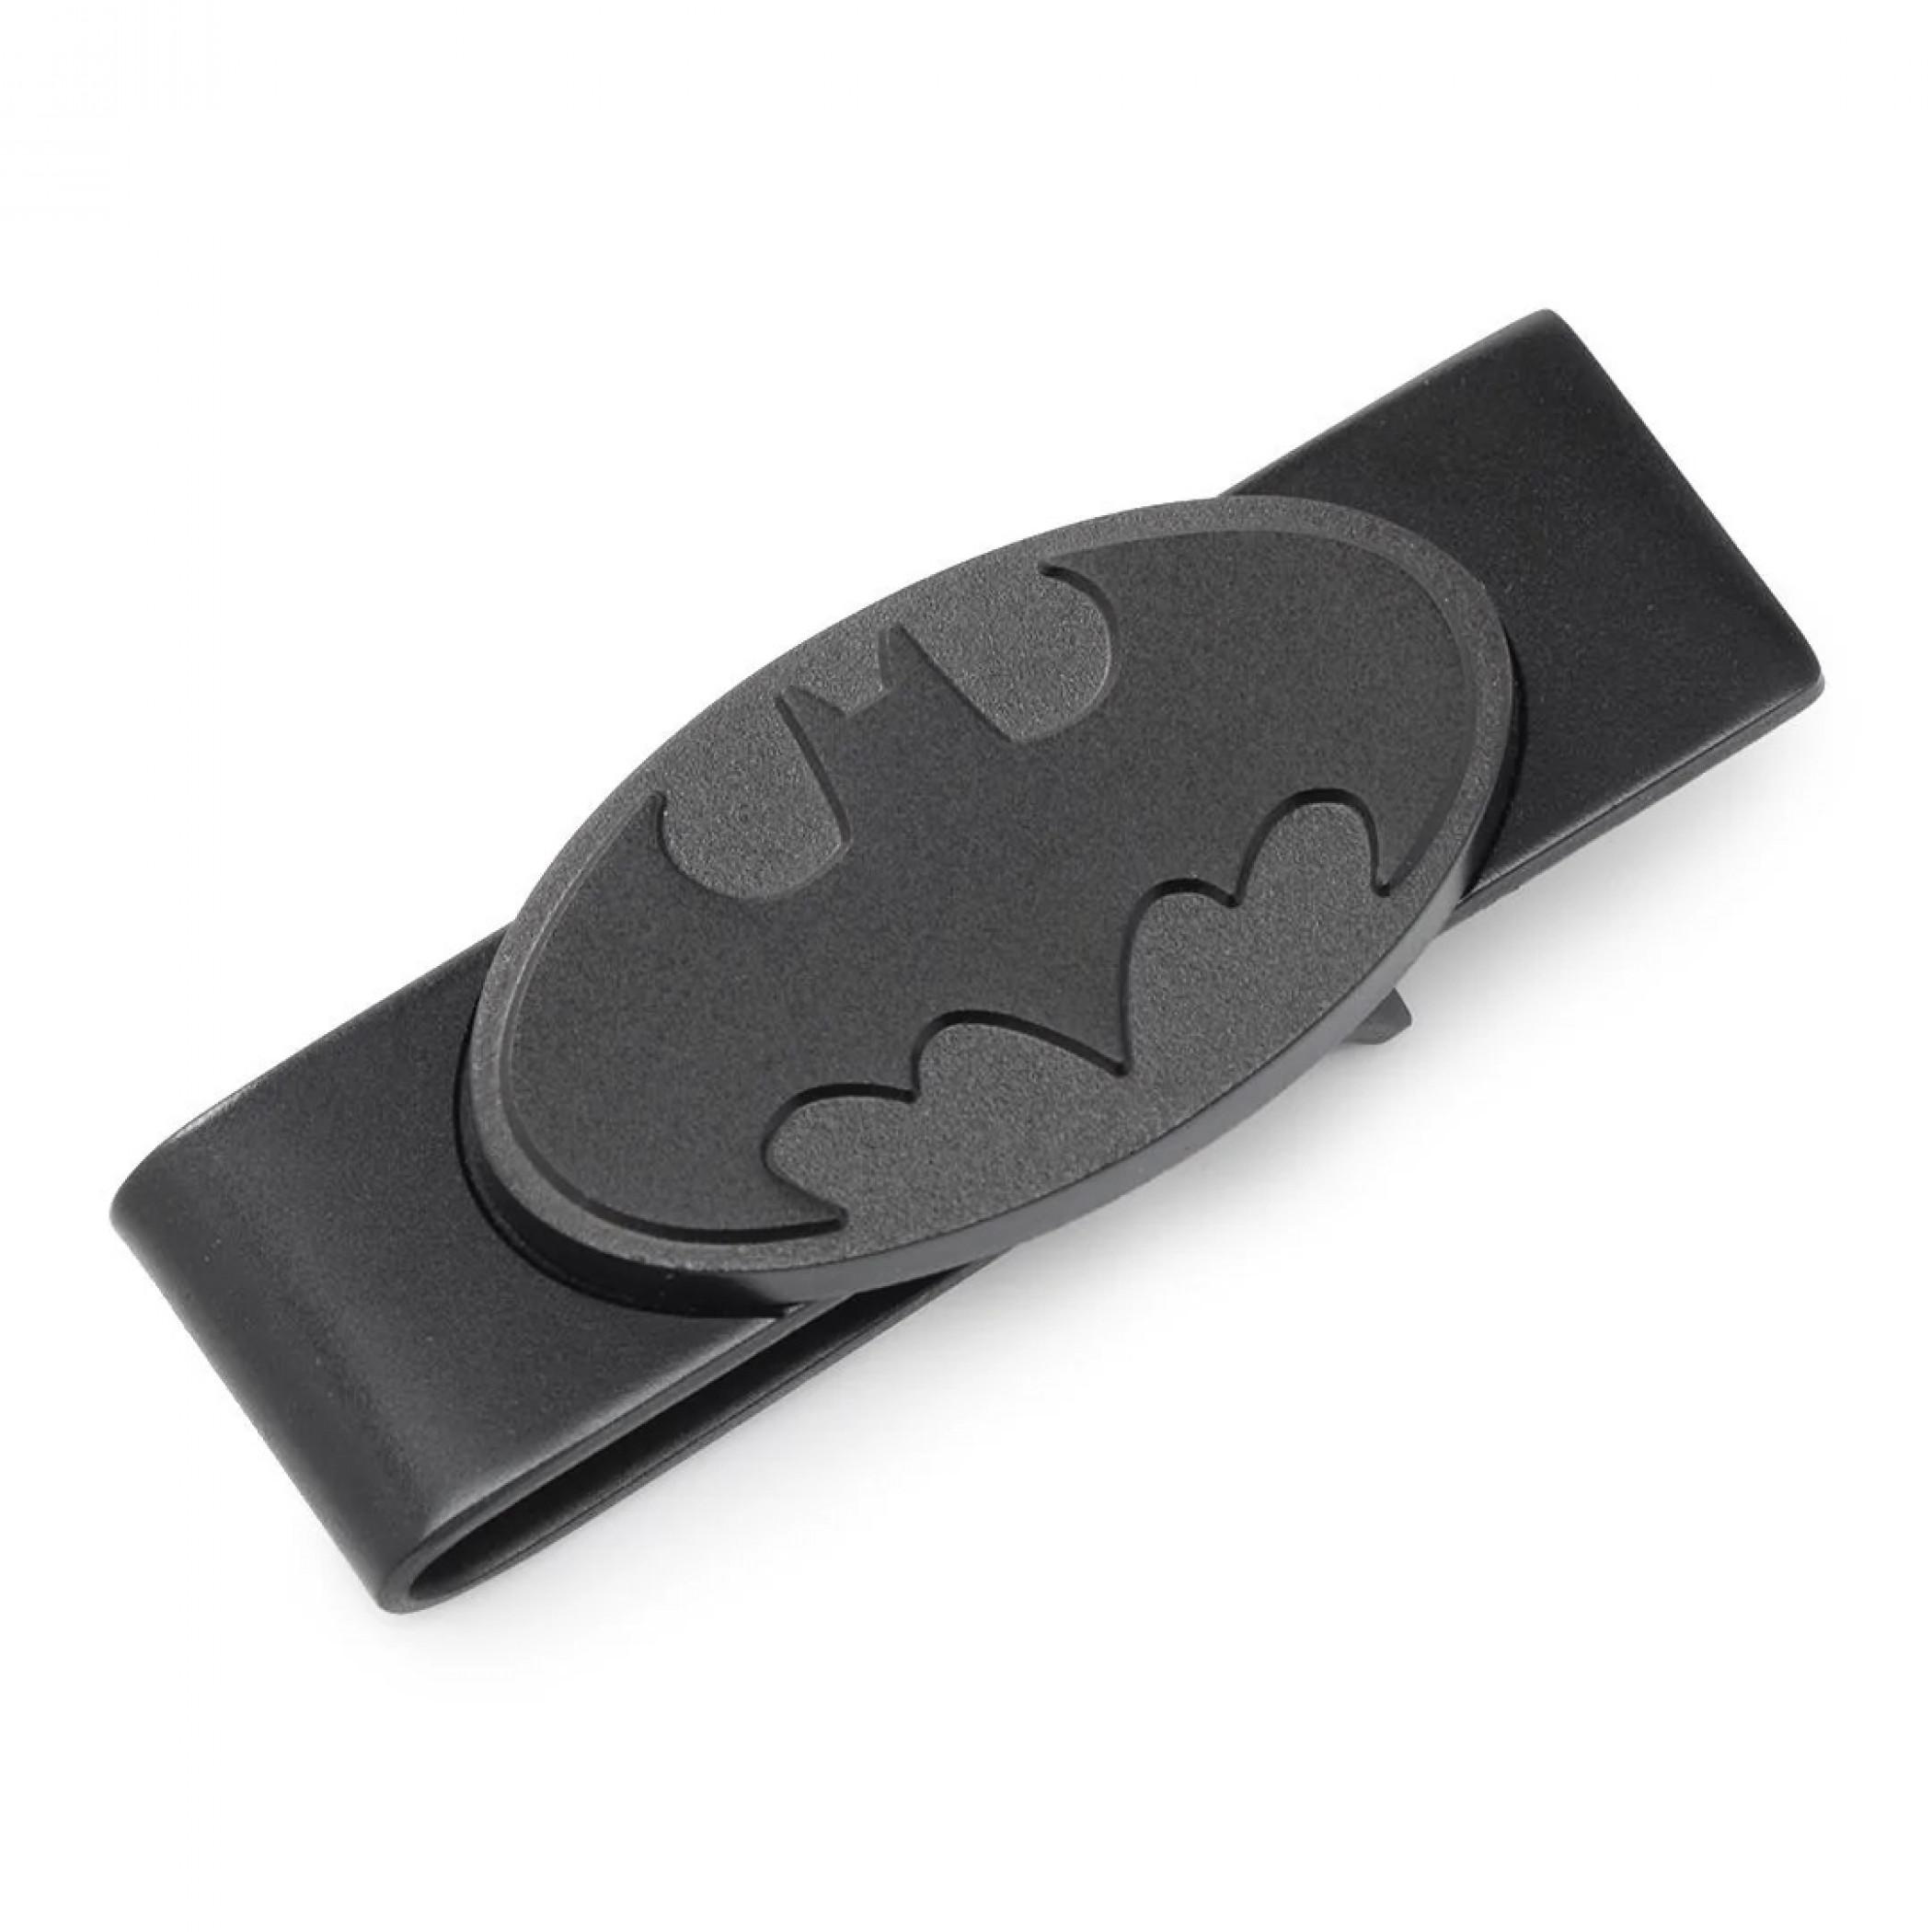 Batman DC Comics Satin-Finish Black Money Clip